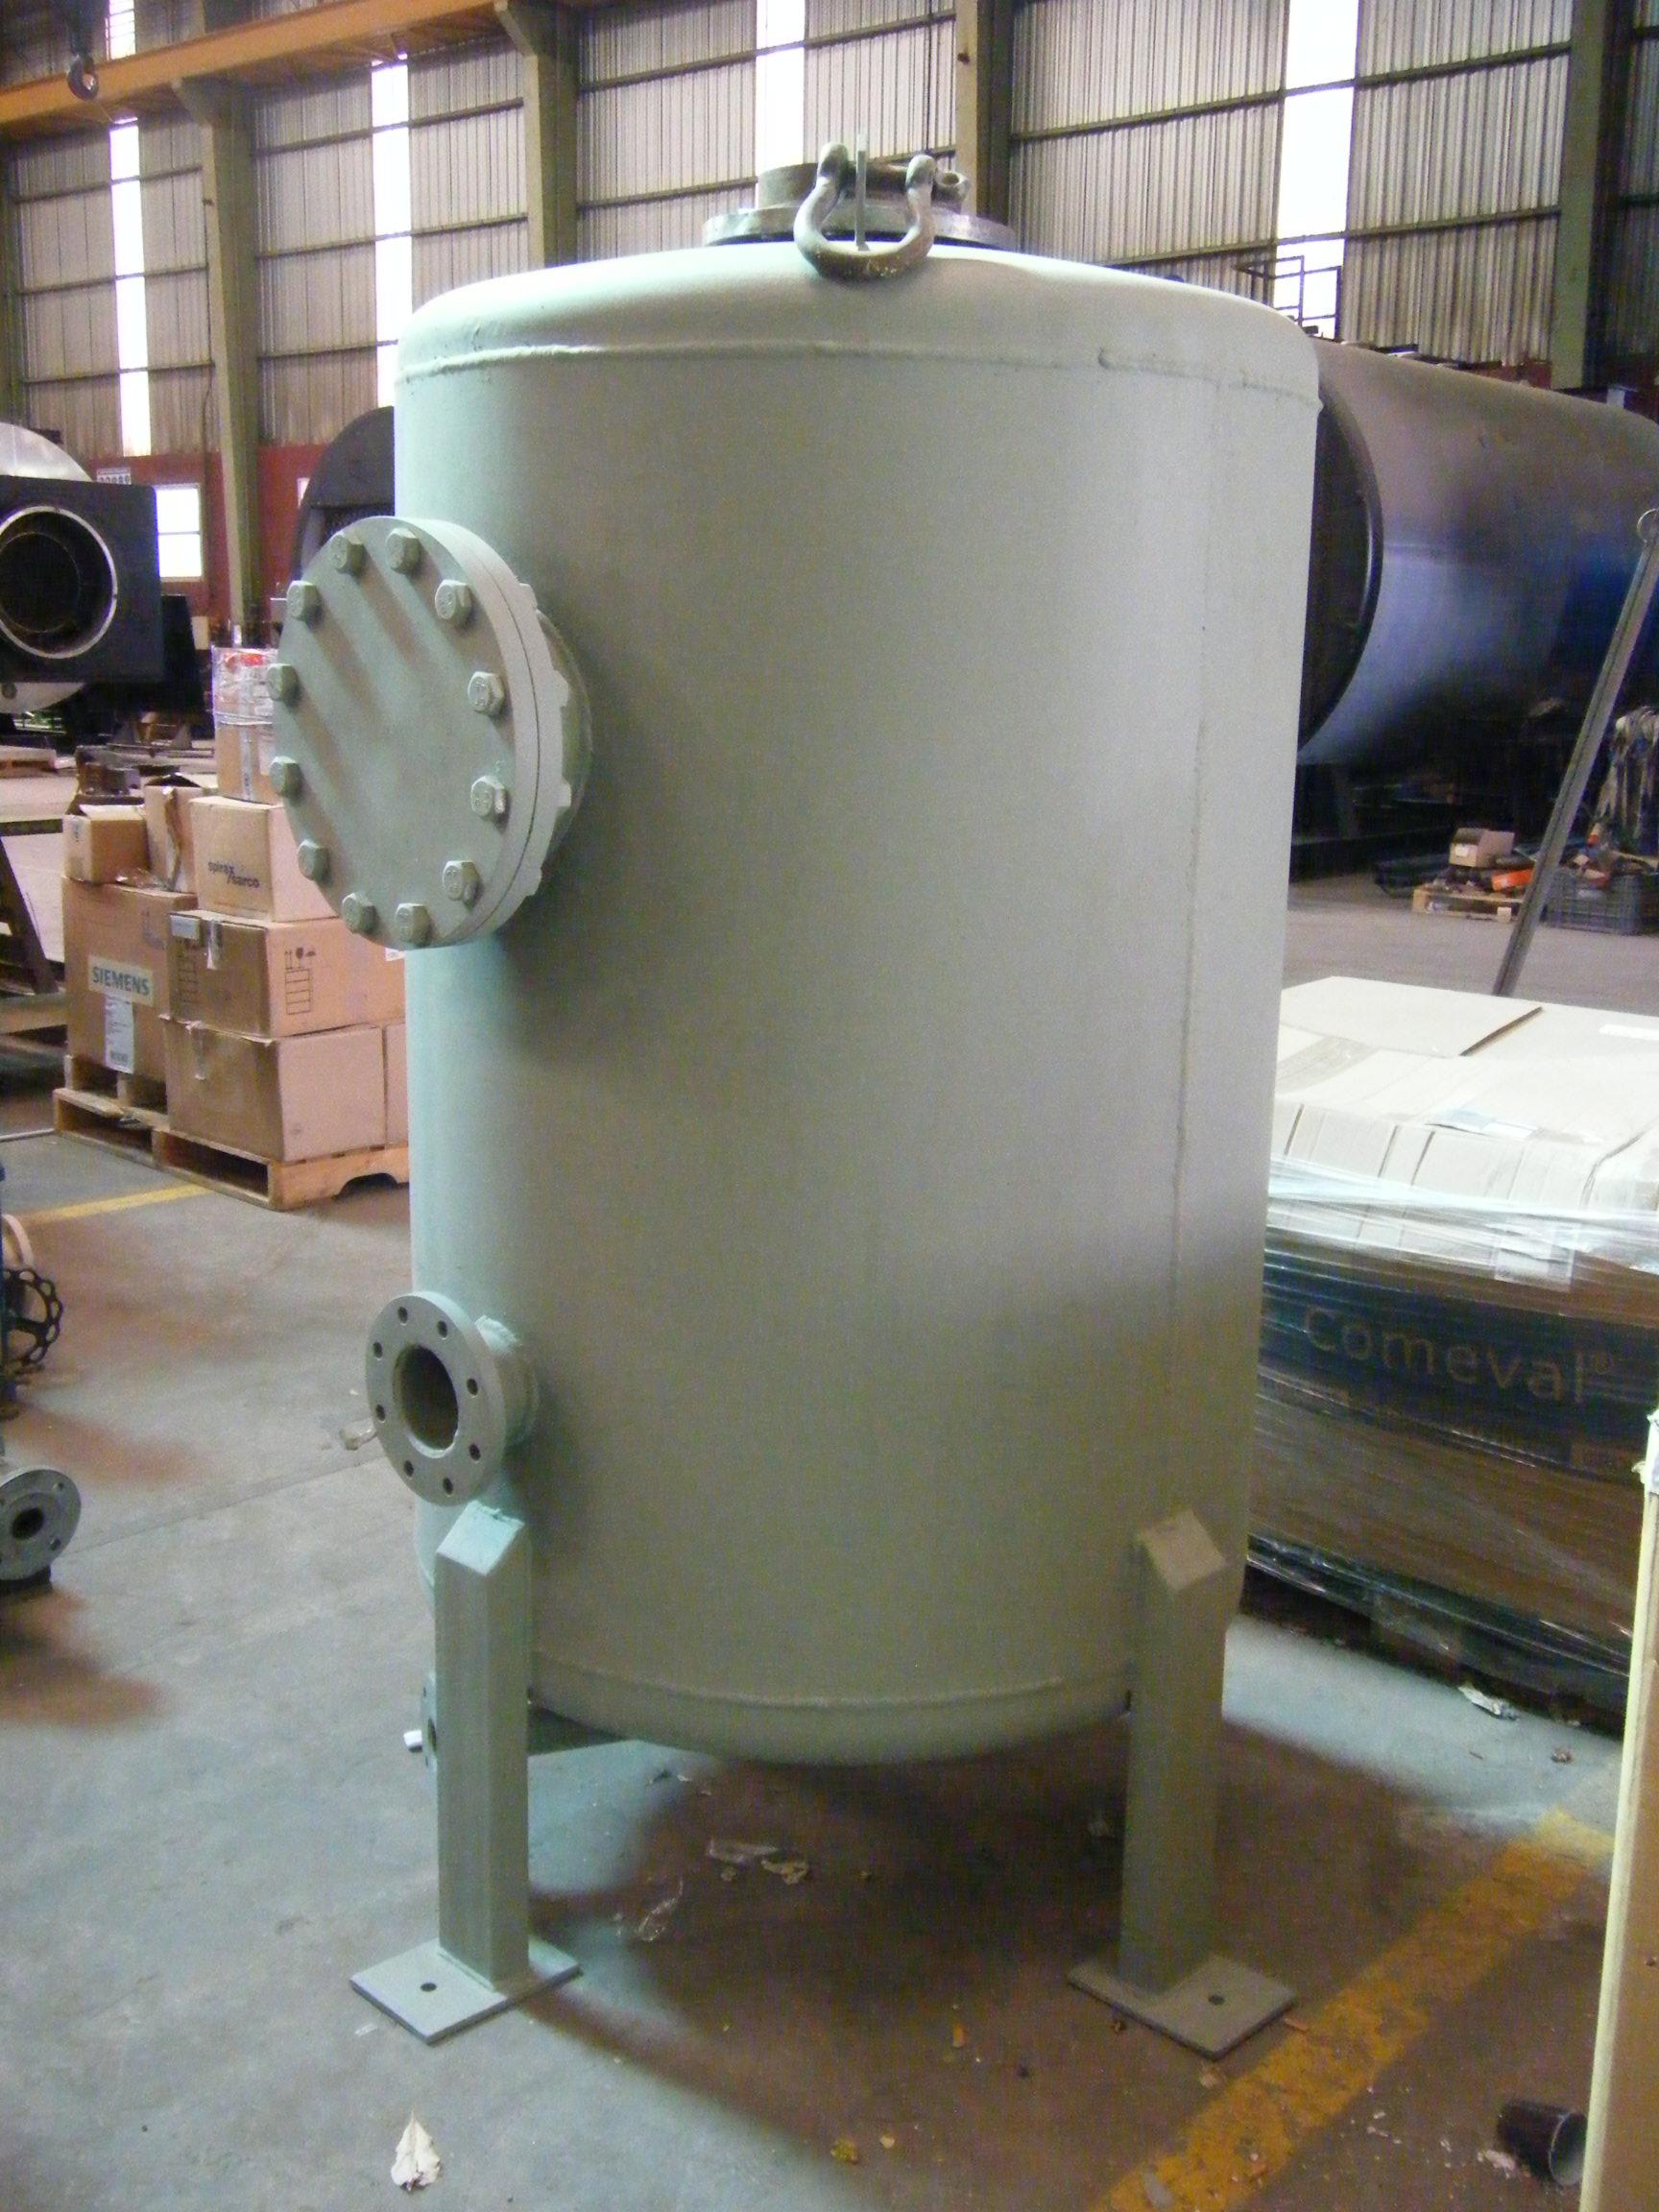 Deposito de purgas calderas de vapor 1 Calderería López Hermanos, S.A.